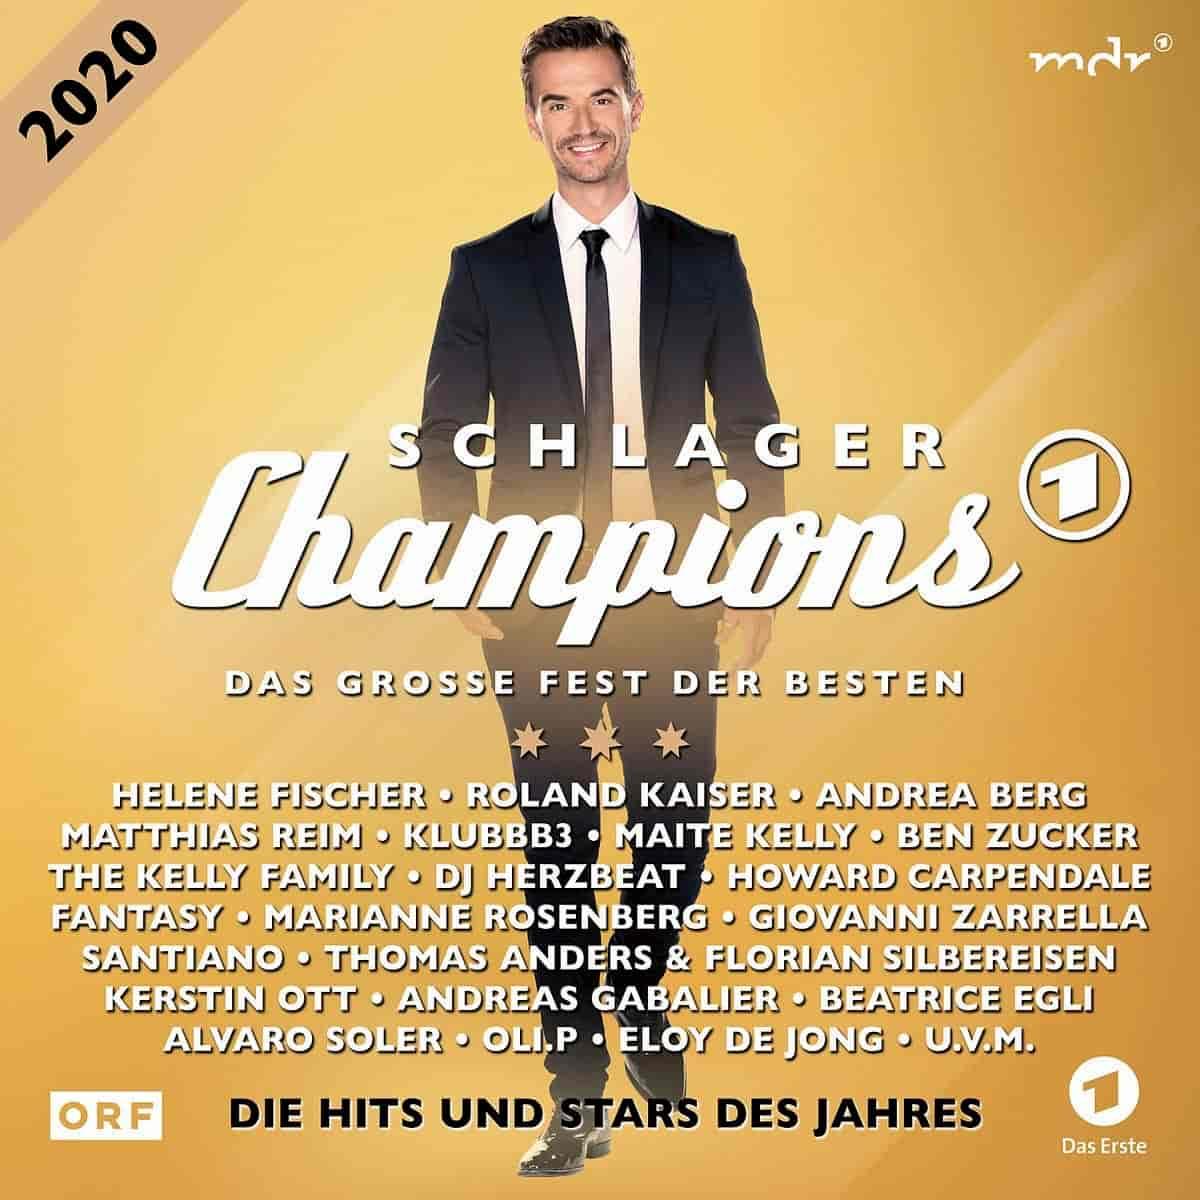 CD Schlagerchampions 2020 - Das große Fest der Besten